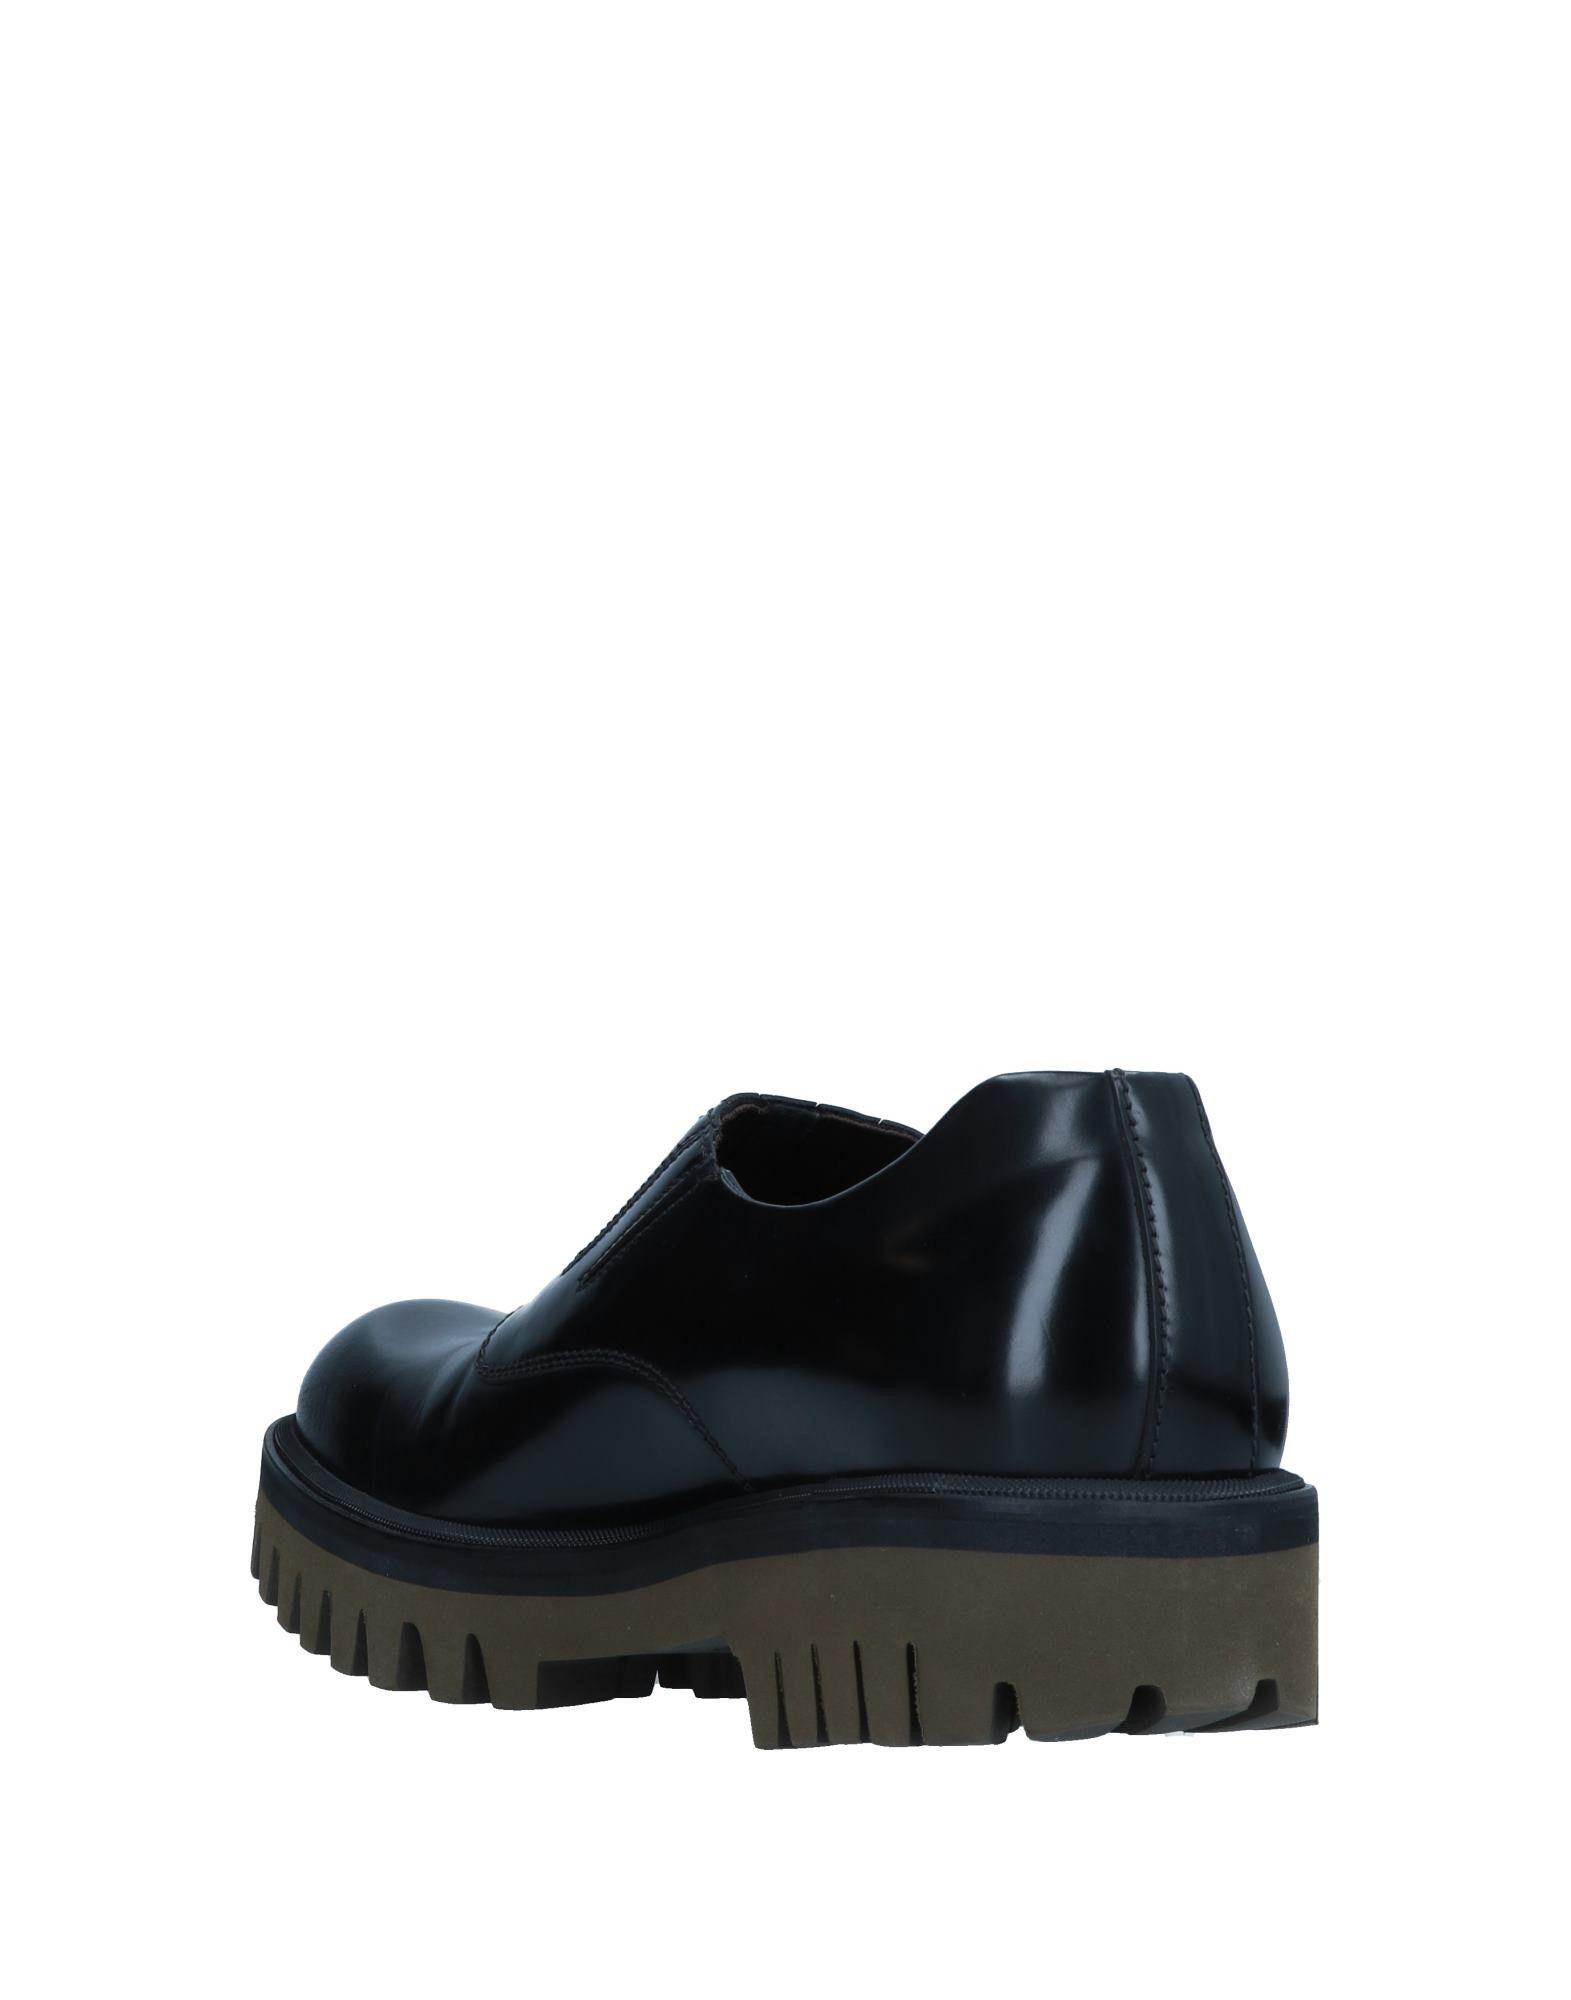 Dolce  & Gabbana Mokassins Herren  Dolce 11547495GN Gute Qualität beliebte Schuhe e18b7e